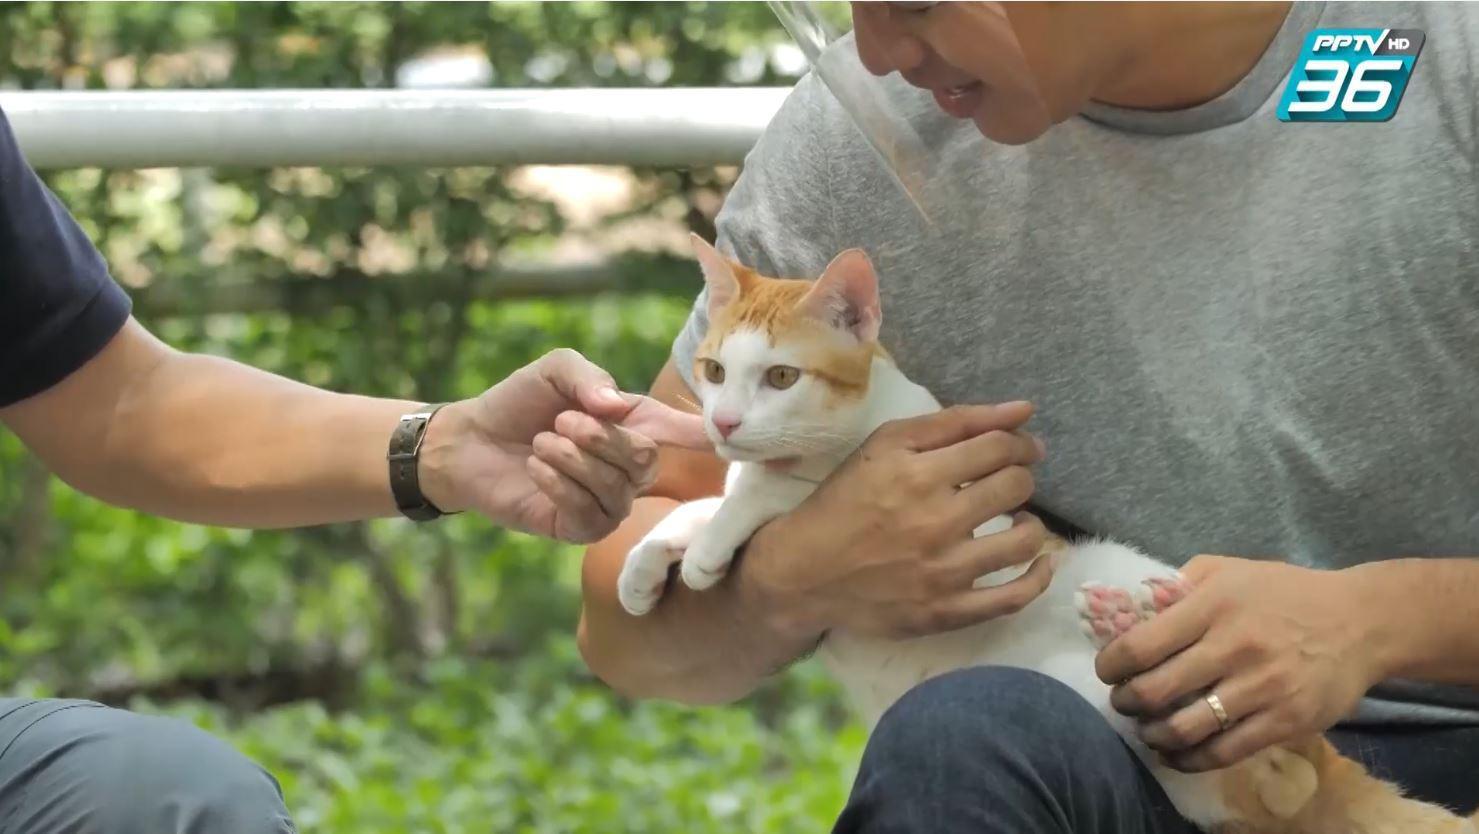 โย่ง อาร์มแชร์ | ตามสัญญา EP.78 | น้องส้มหยุดและทาสแมวตัวสูง